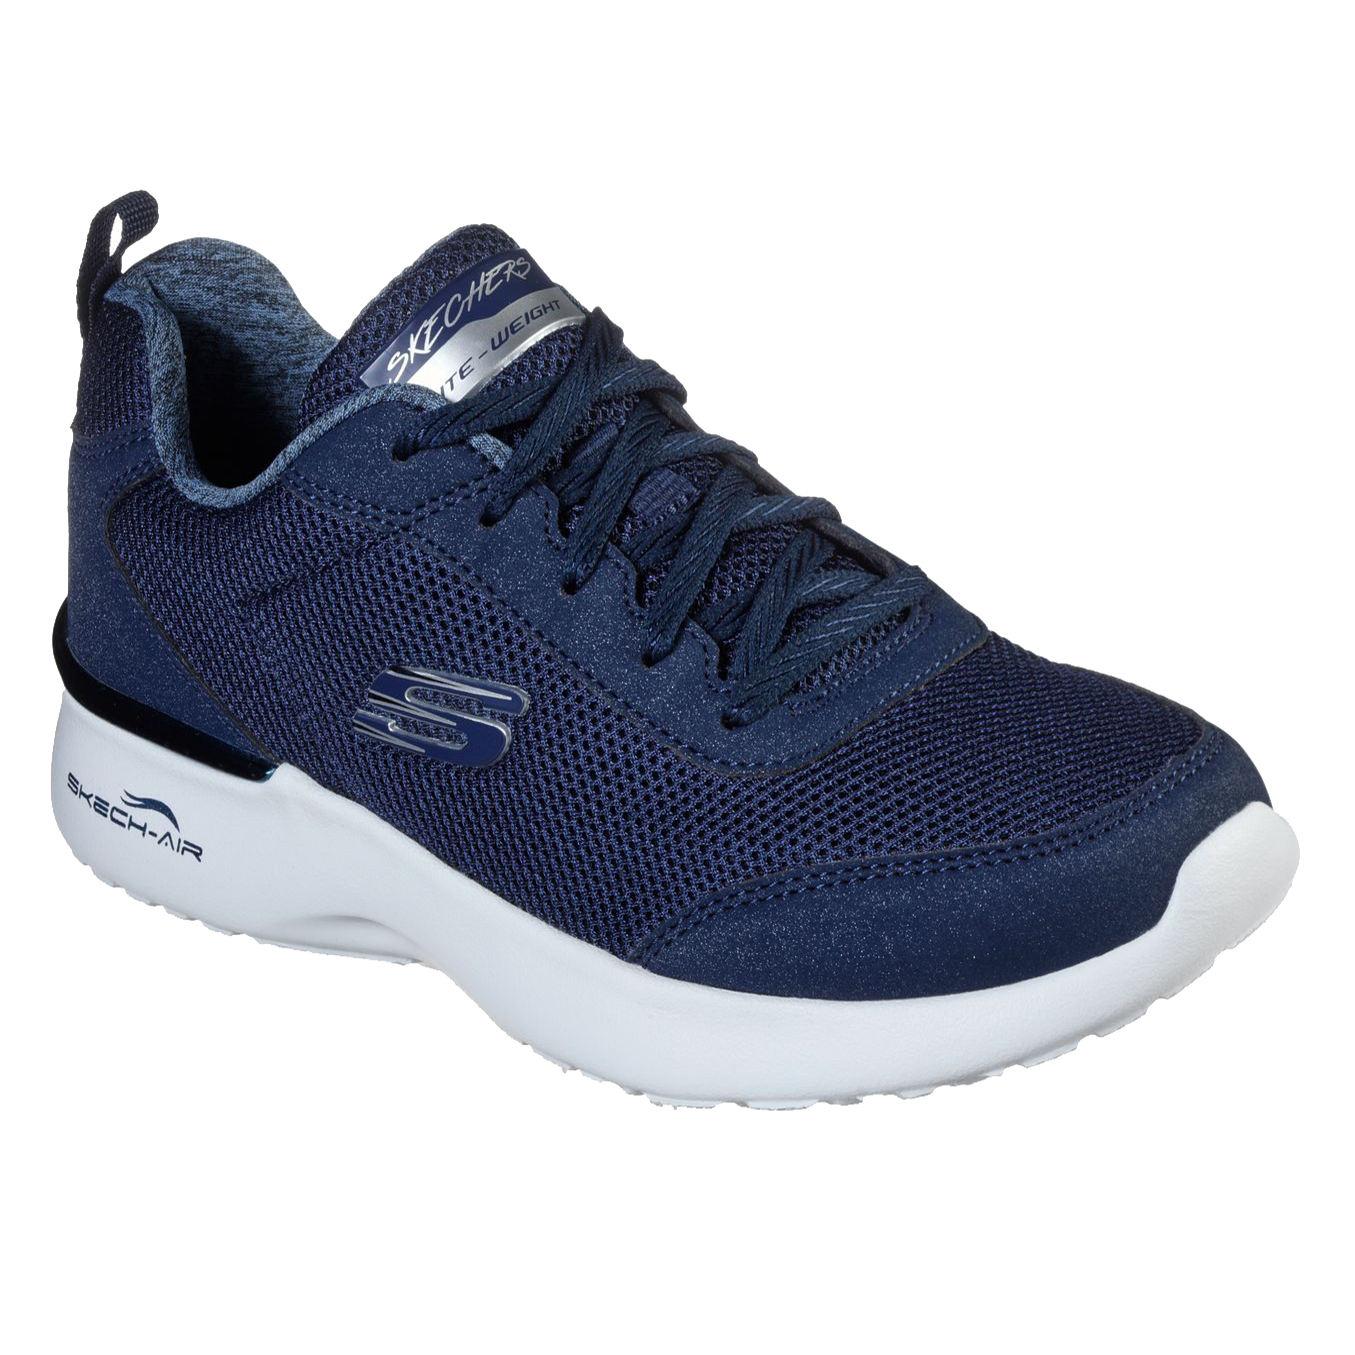 کفش مخصوص پیاده روی زنانه اسکچرز مدل 12947-NVY -  - 2